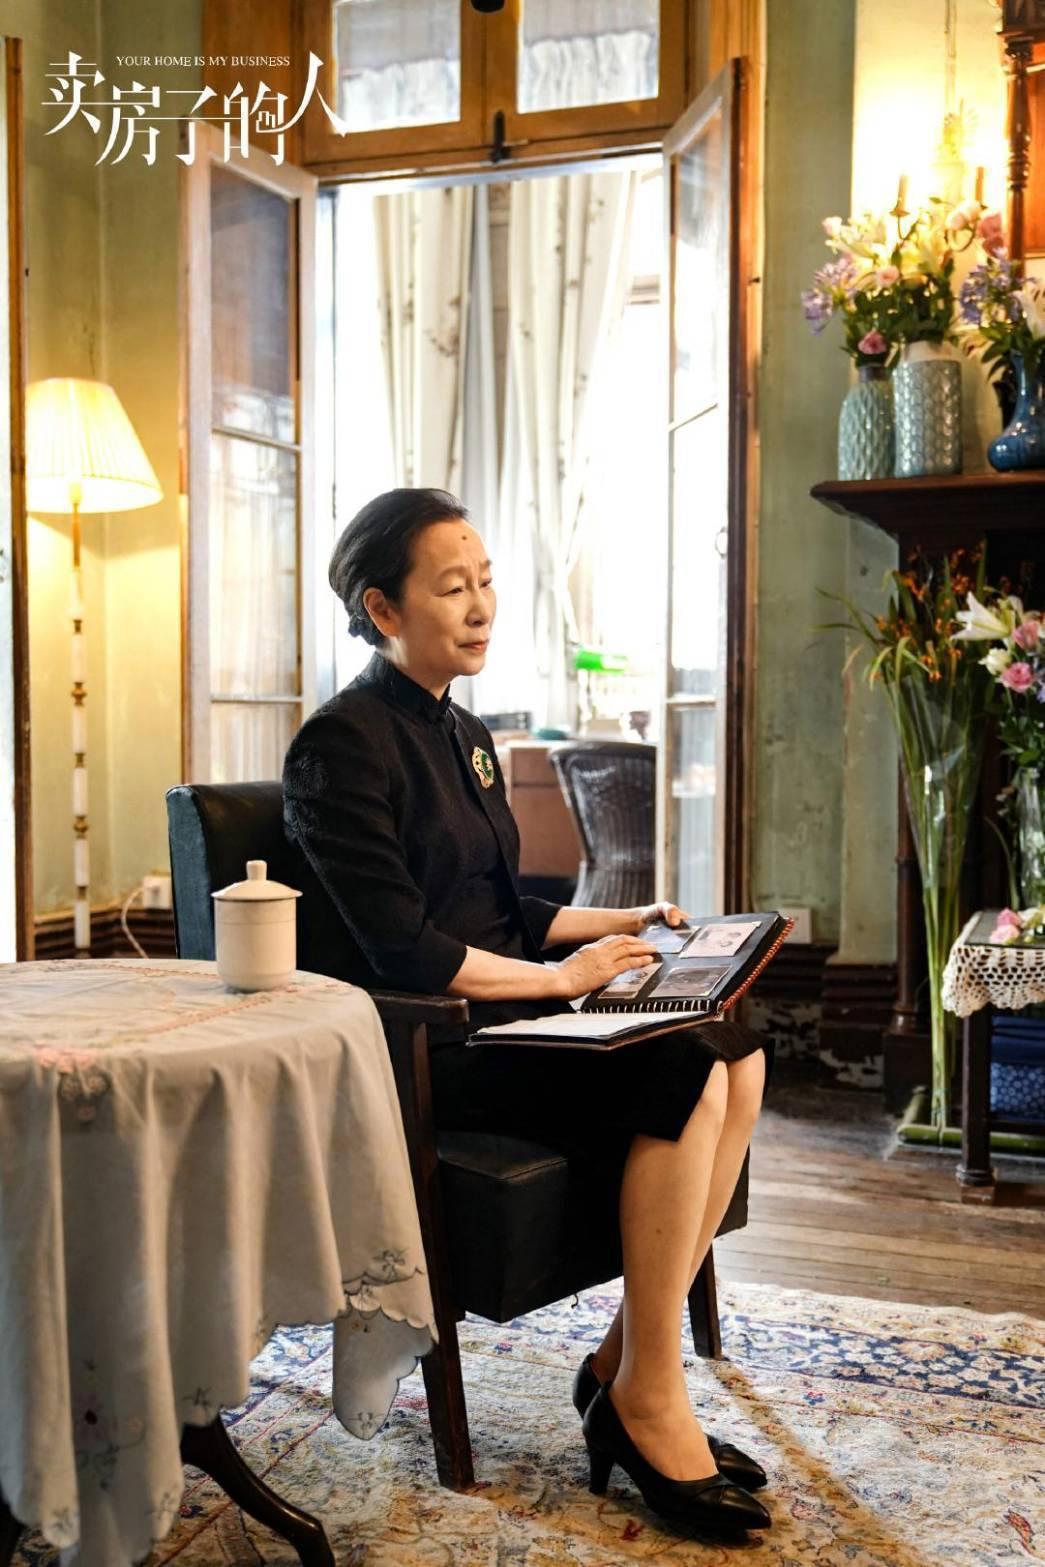 奚美娟演出「安家」演技被討論。圖/摘自微博